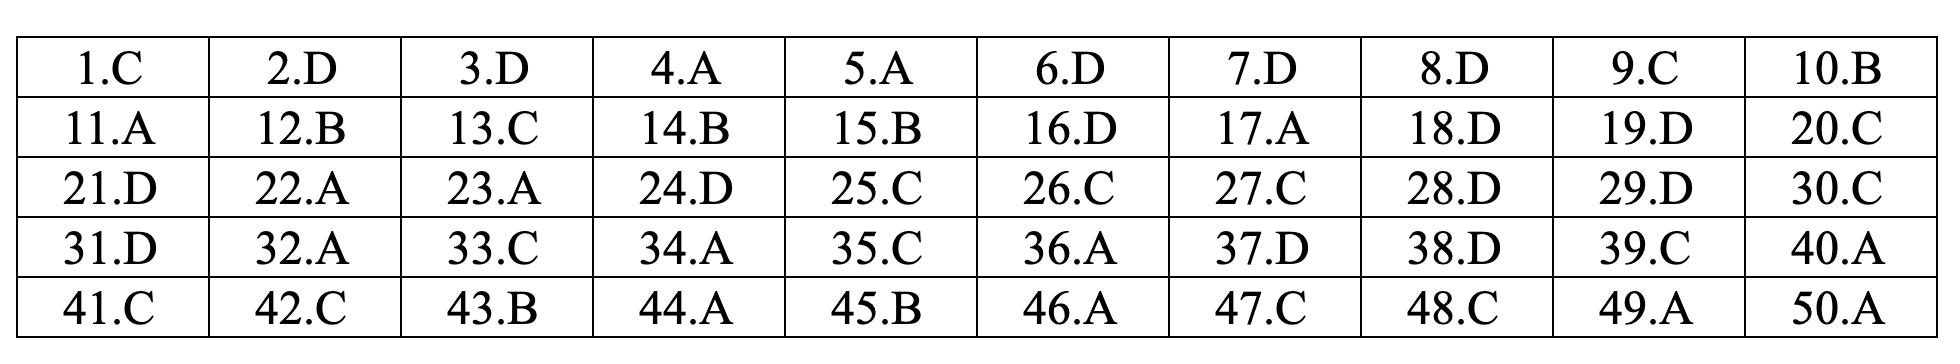 Đáp án tham khảo môn Tiếng Anh mã đề 406